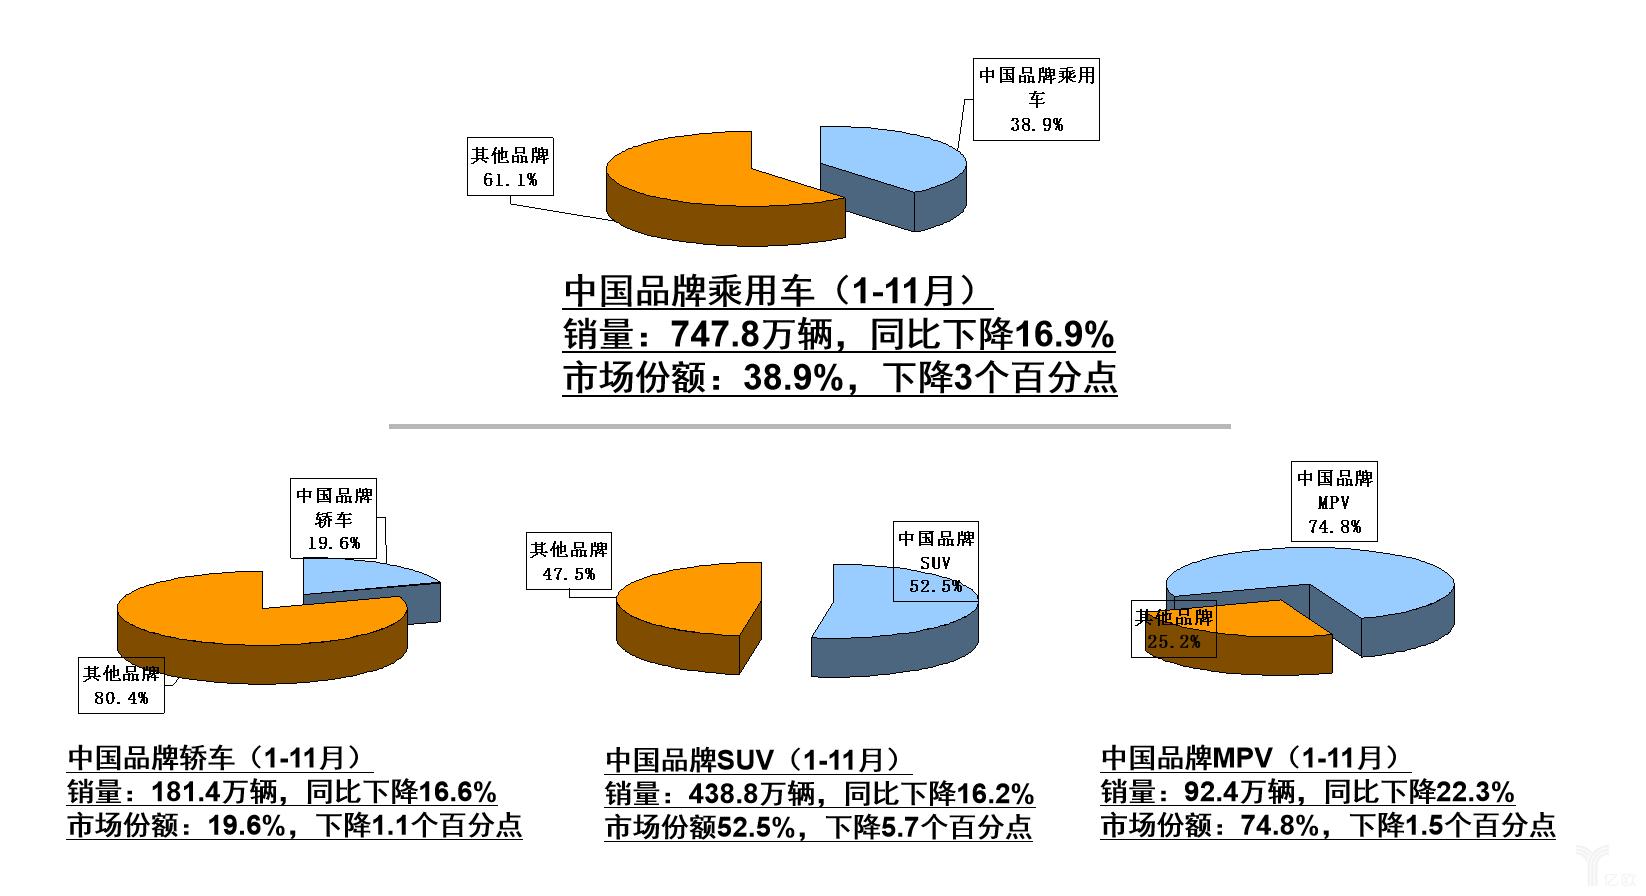 1-11月中国品牌乘用车销量与市场份额统计